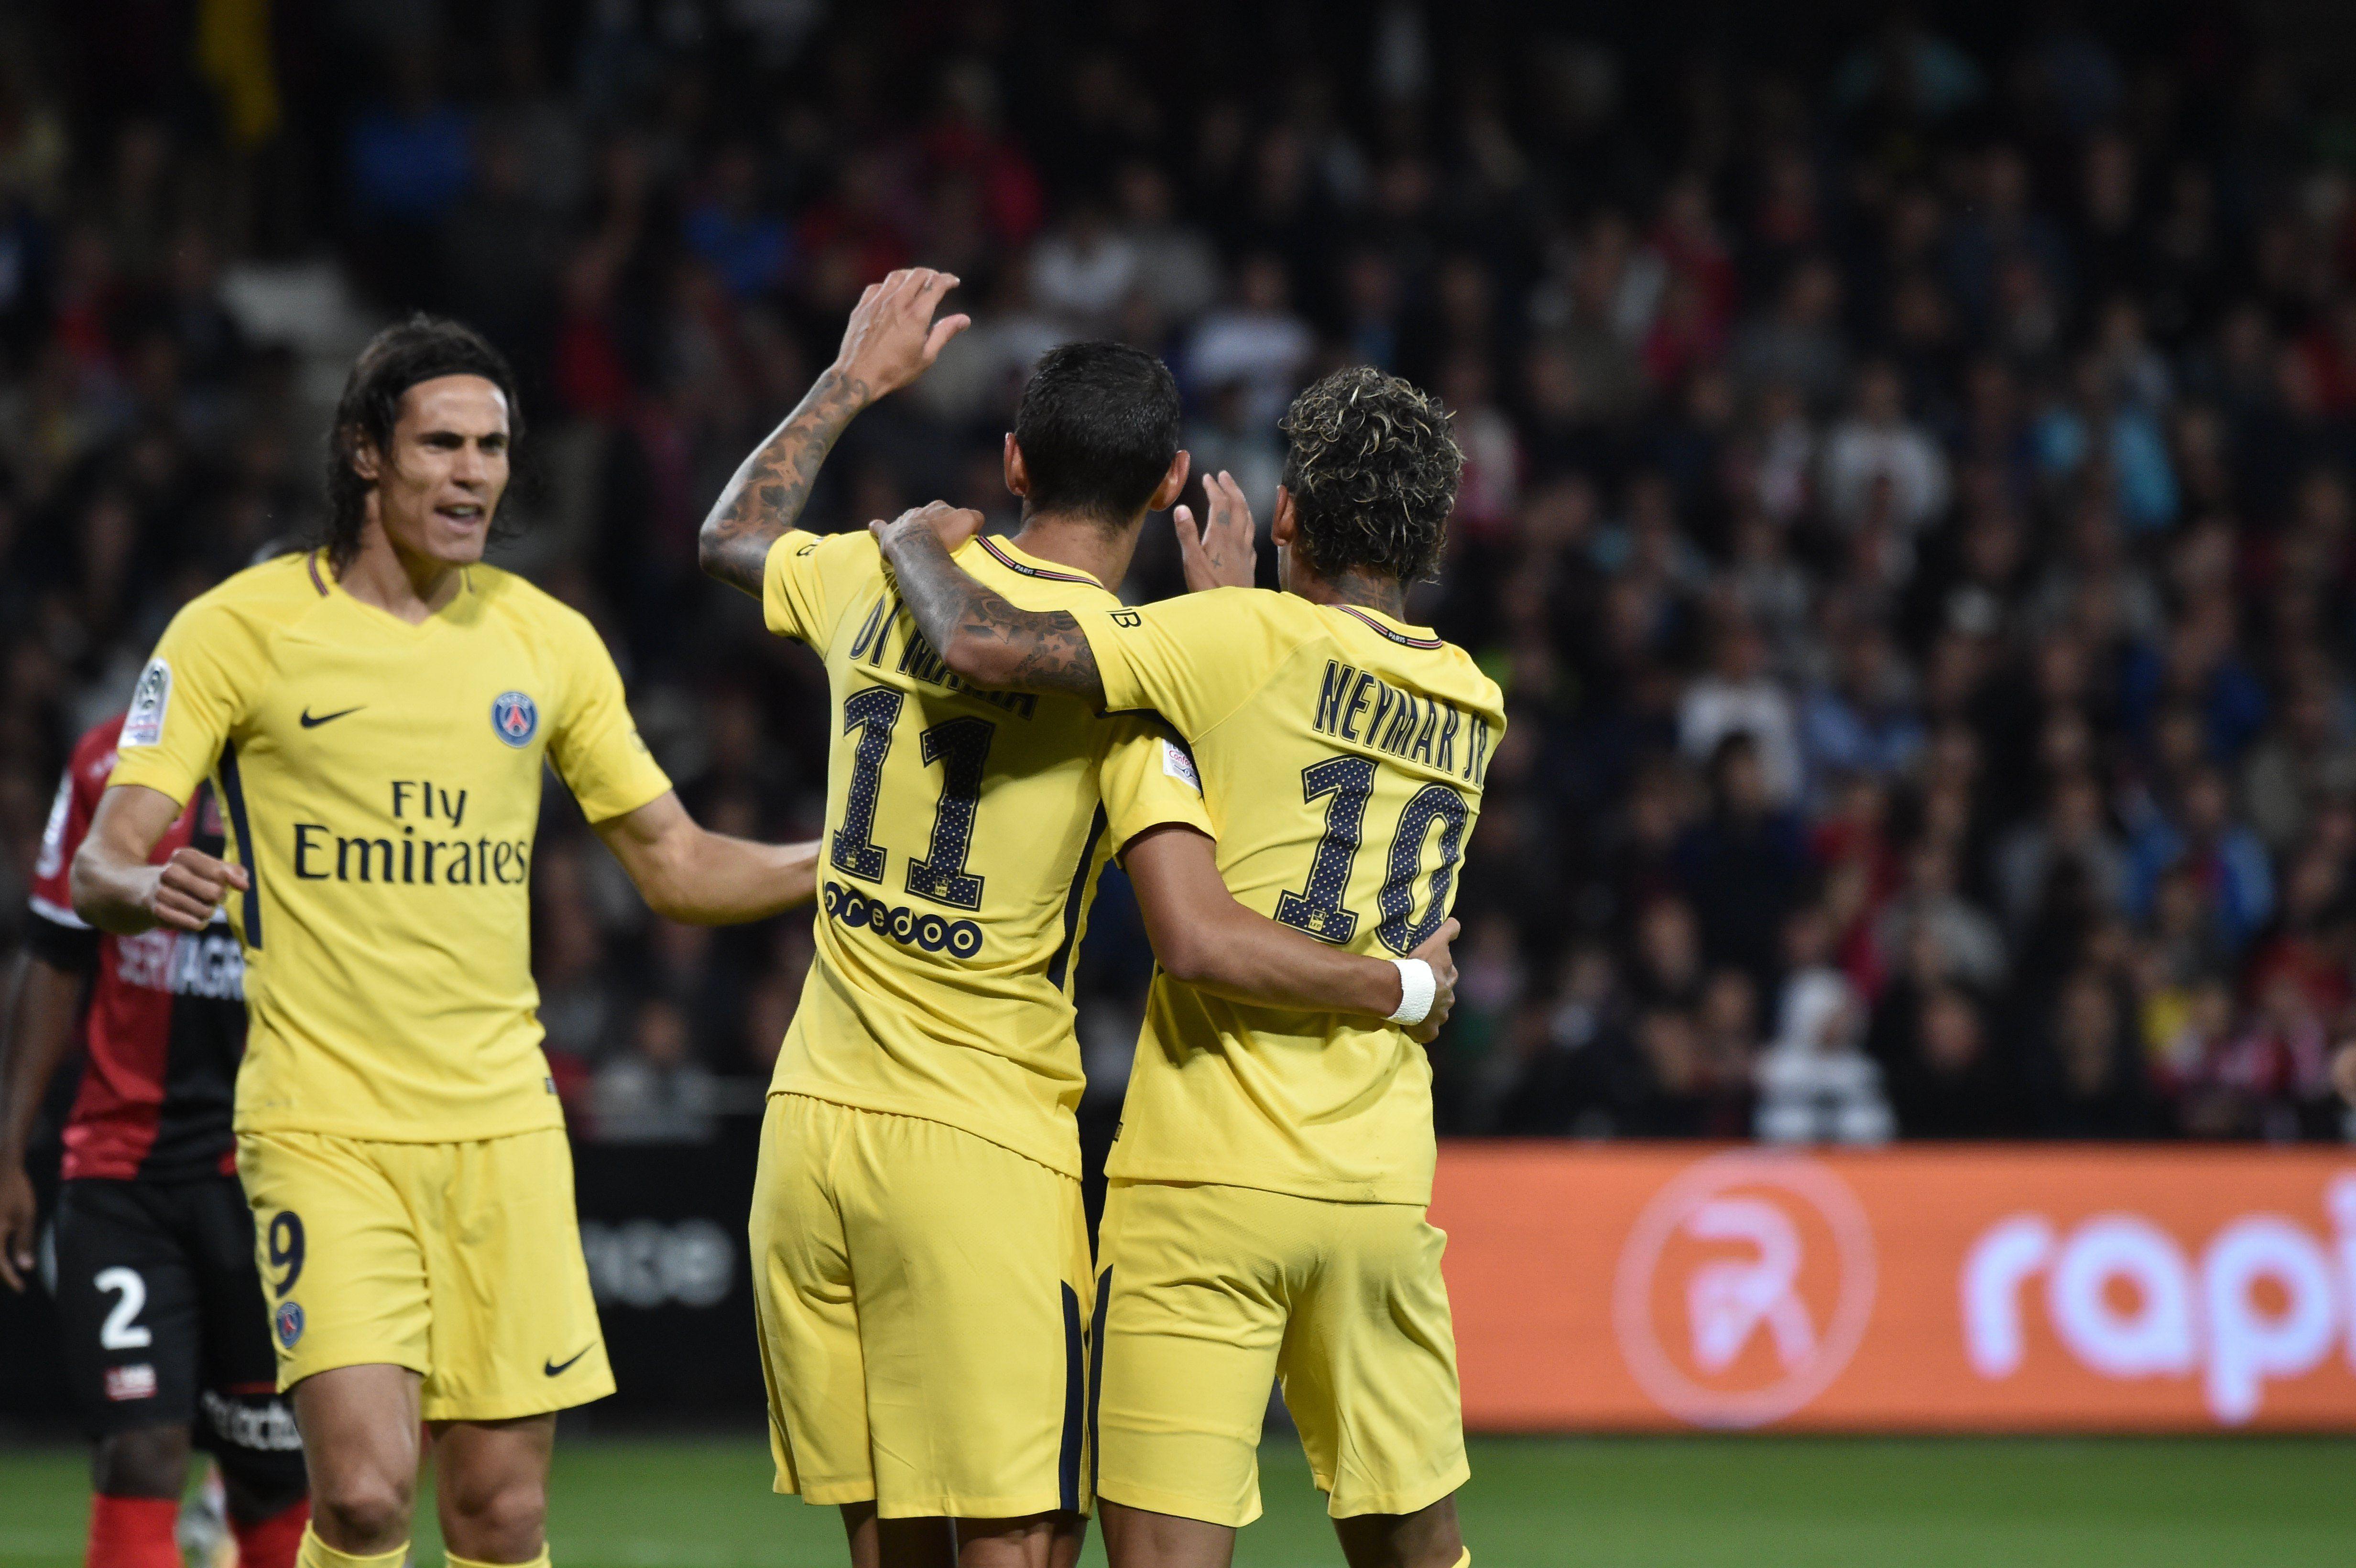 El argentina forma parte del nuevo gran tridente del fútbol mundial con Cavani y Neymar